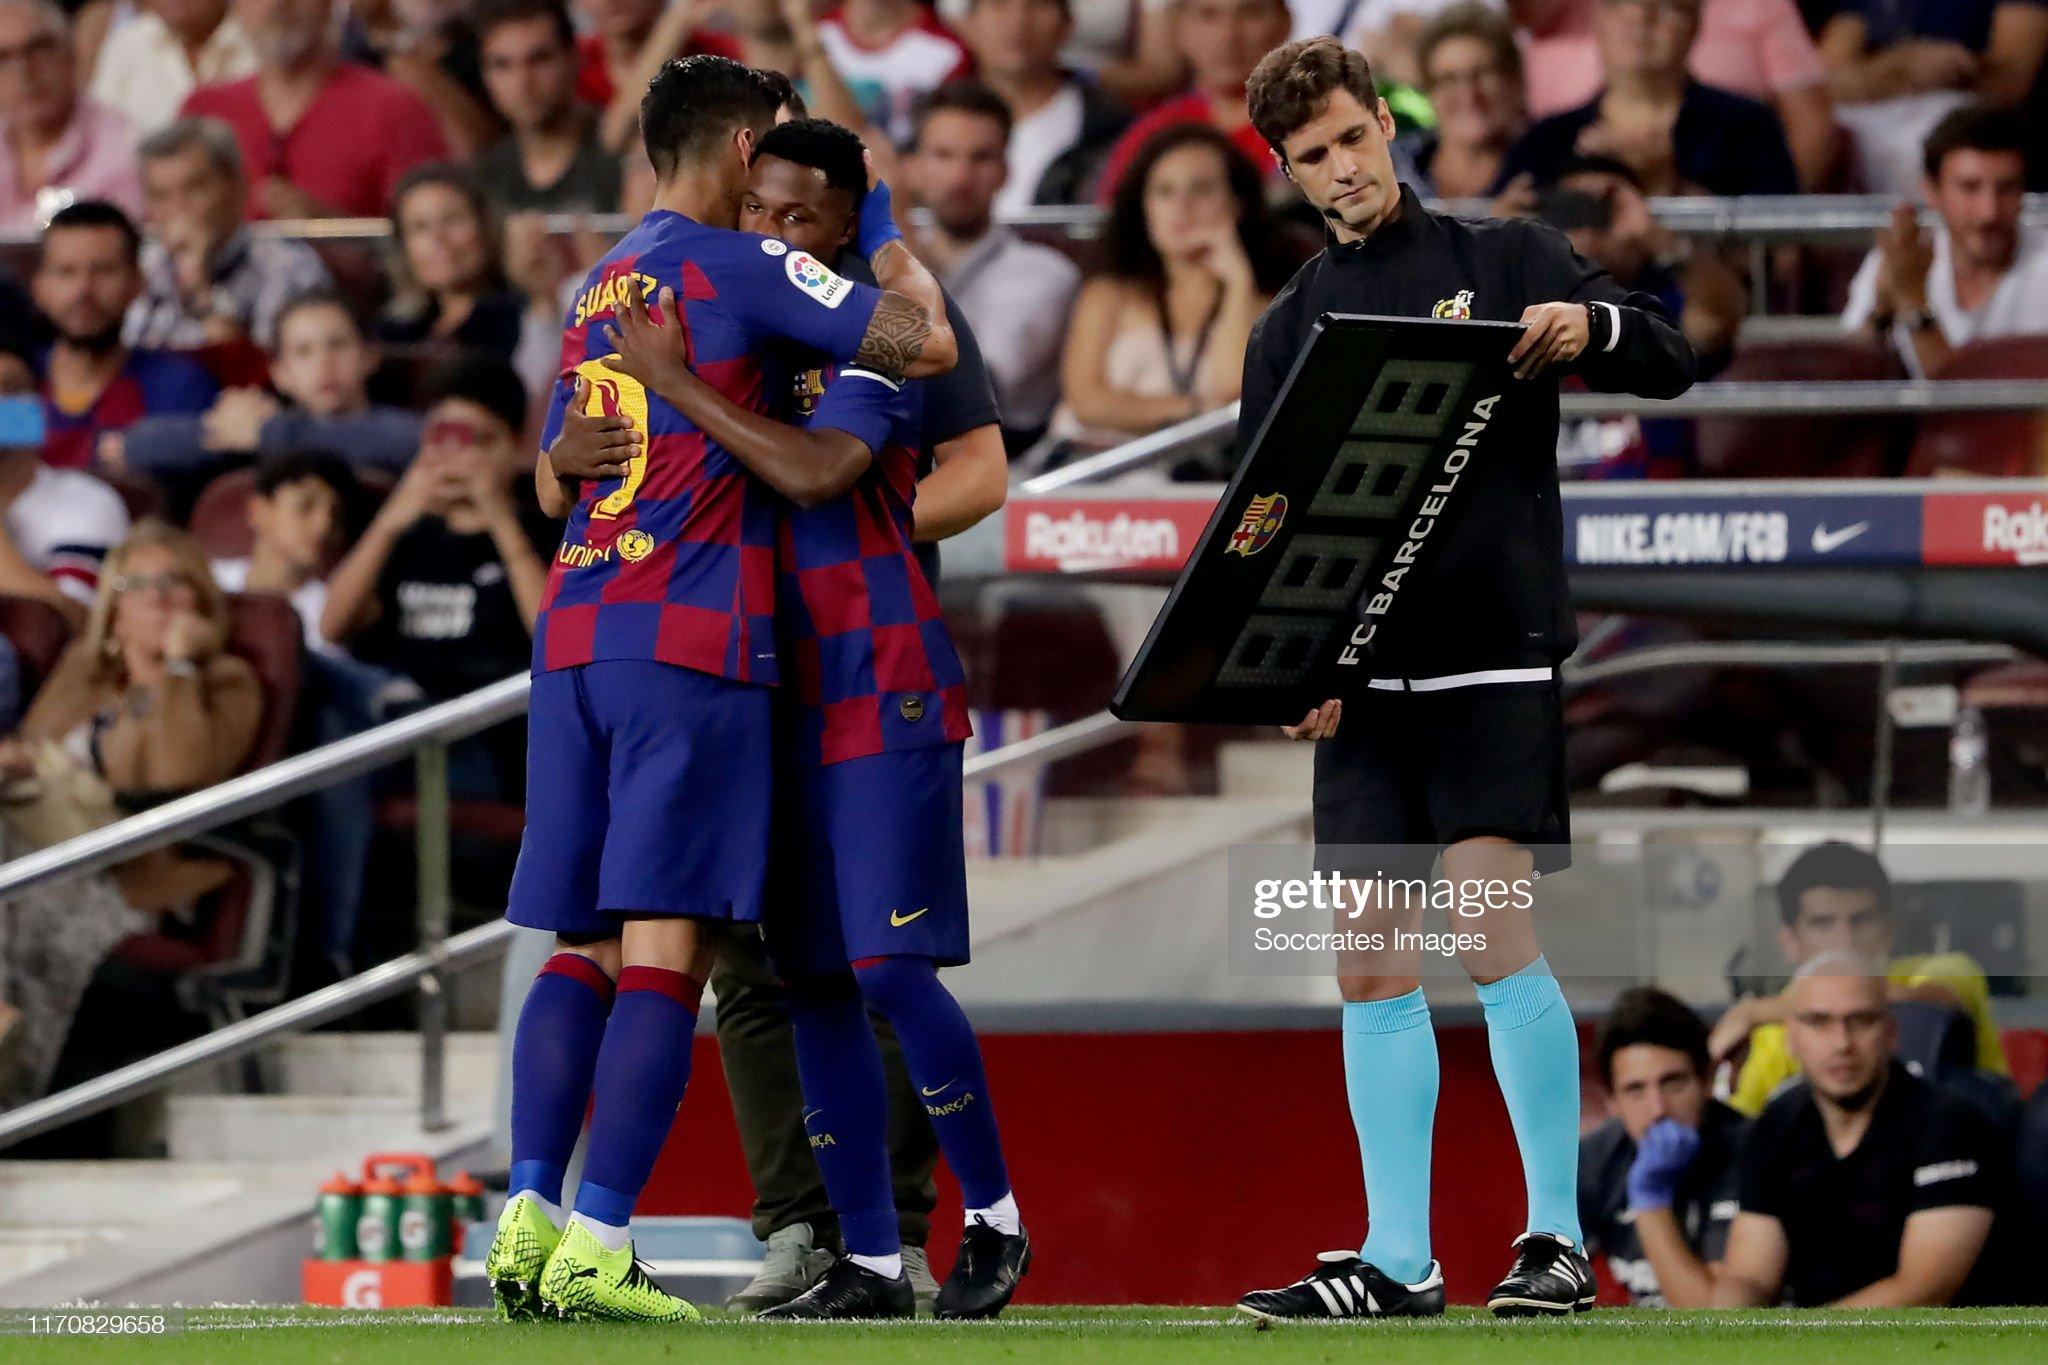 صور مباراة : برشلونة - فياريال 2-1 ( 24-09-2019 )  Luis-suarez-of-fc-barcelona-ansu-fati-of-fc-barcelona-during-the-la-picture-id1170829658?s=2048x2048